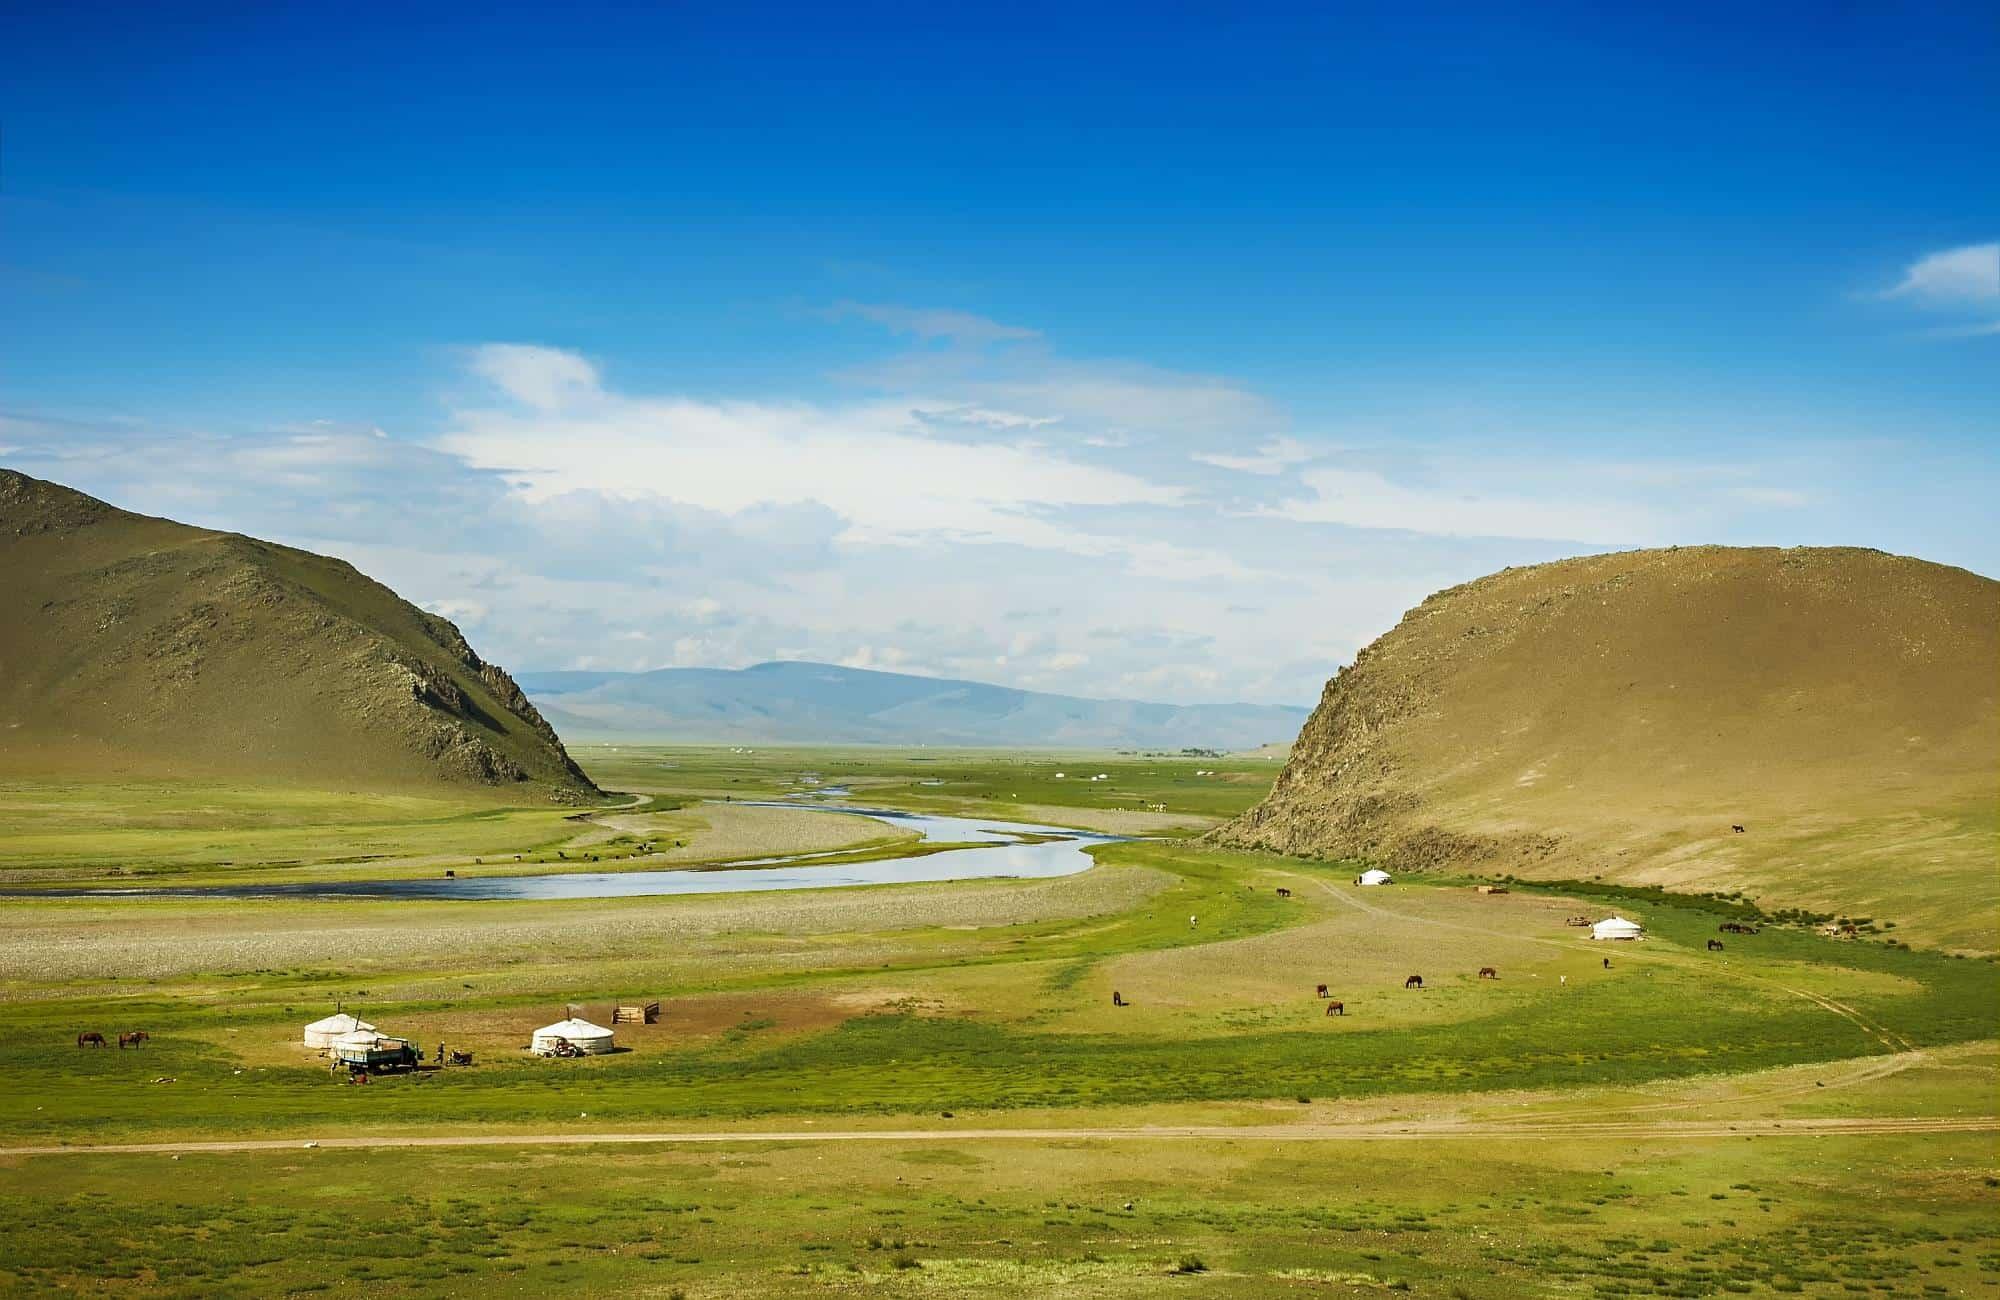 Voyage en Mongolie - Steppes Mongoles - Amplitudes